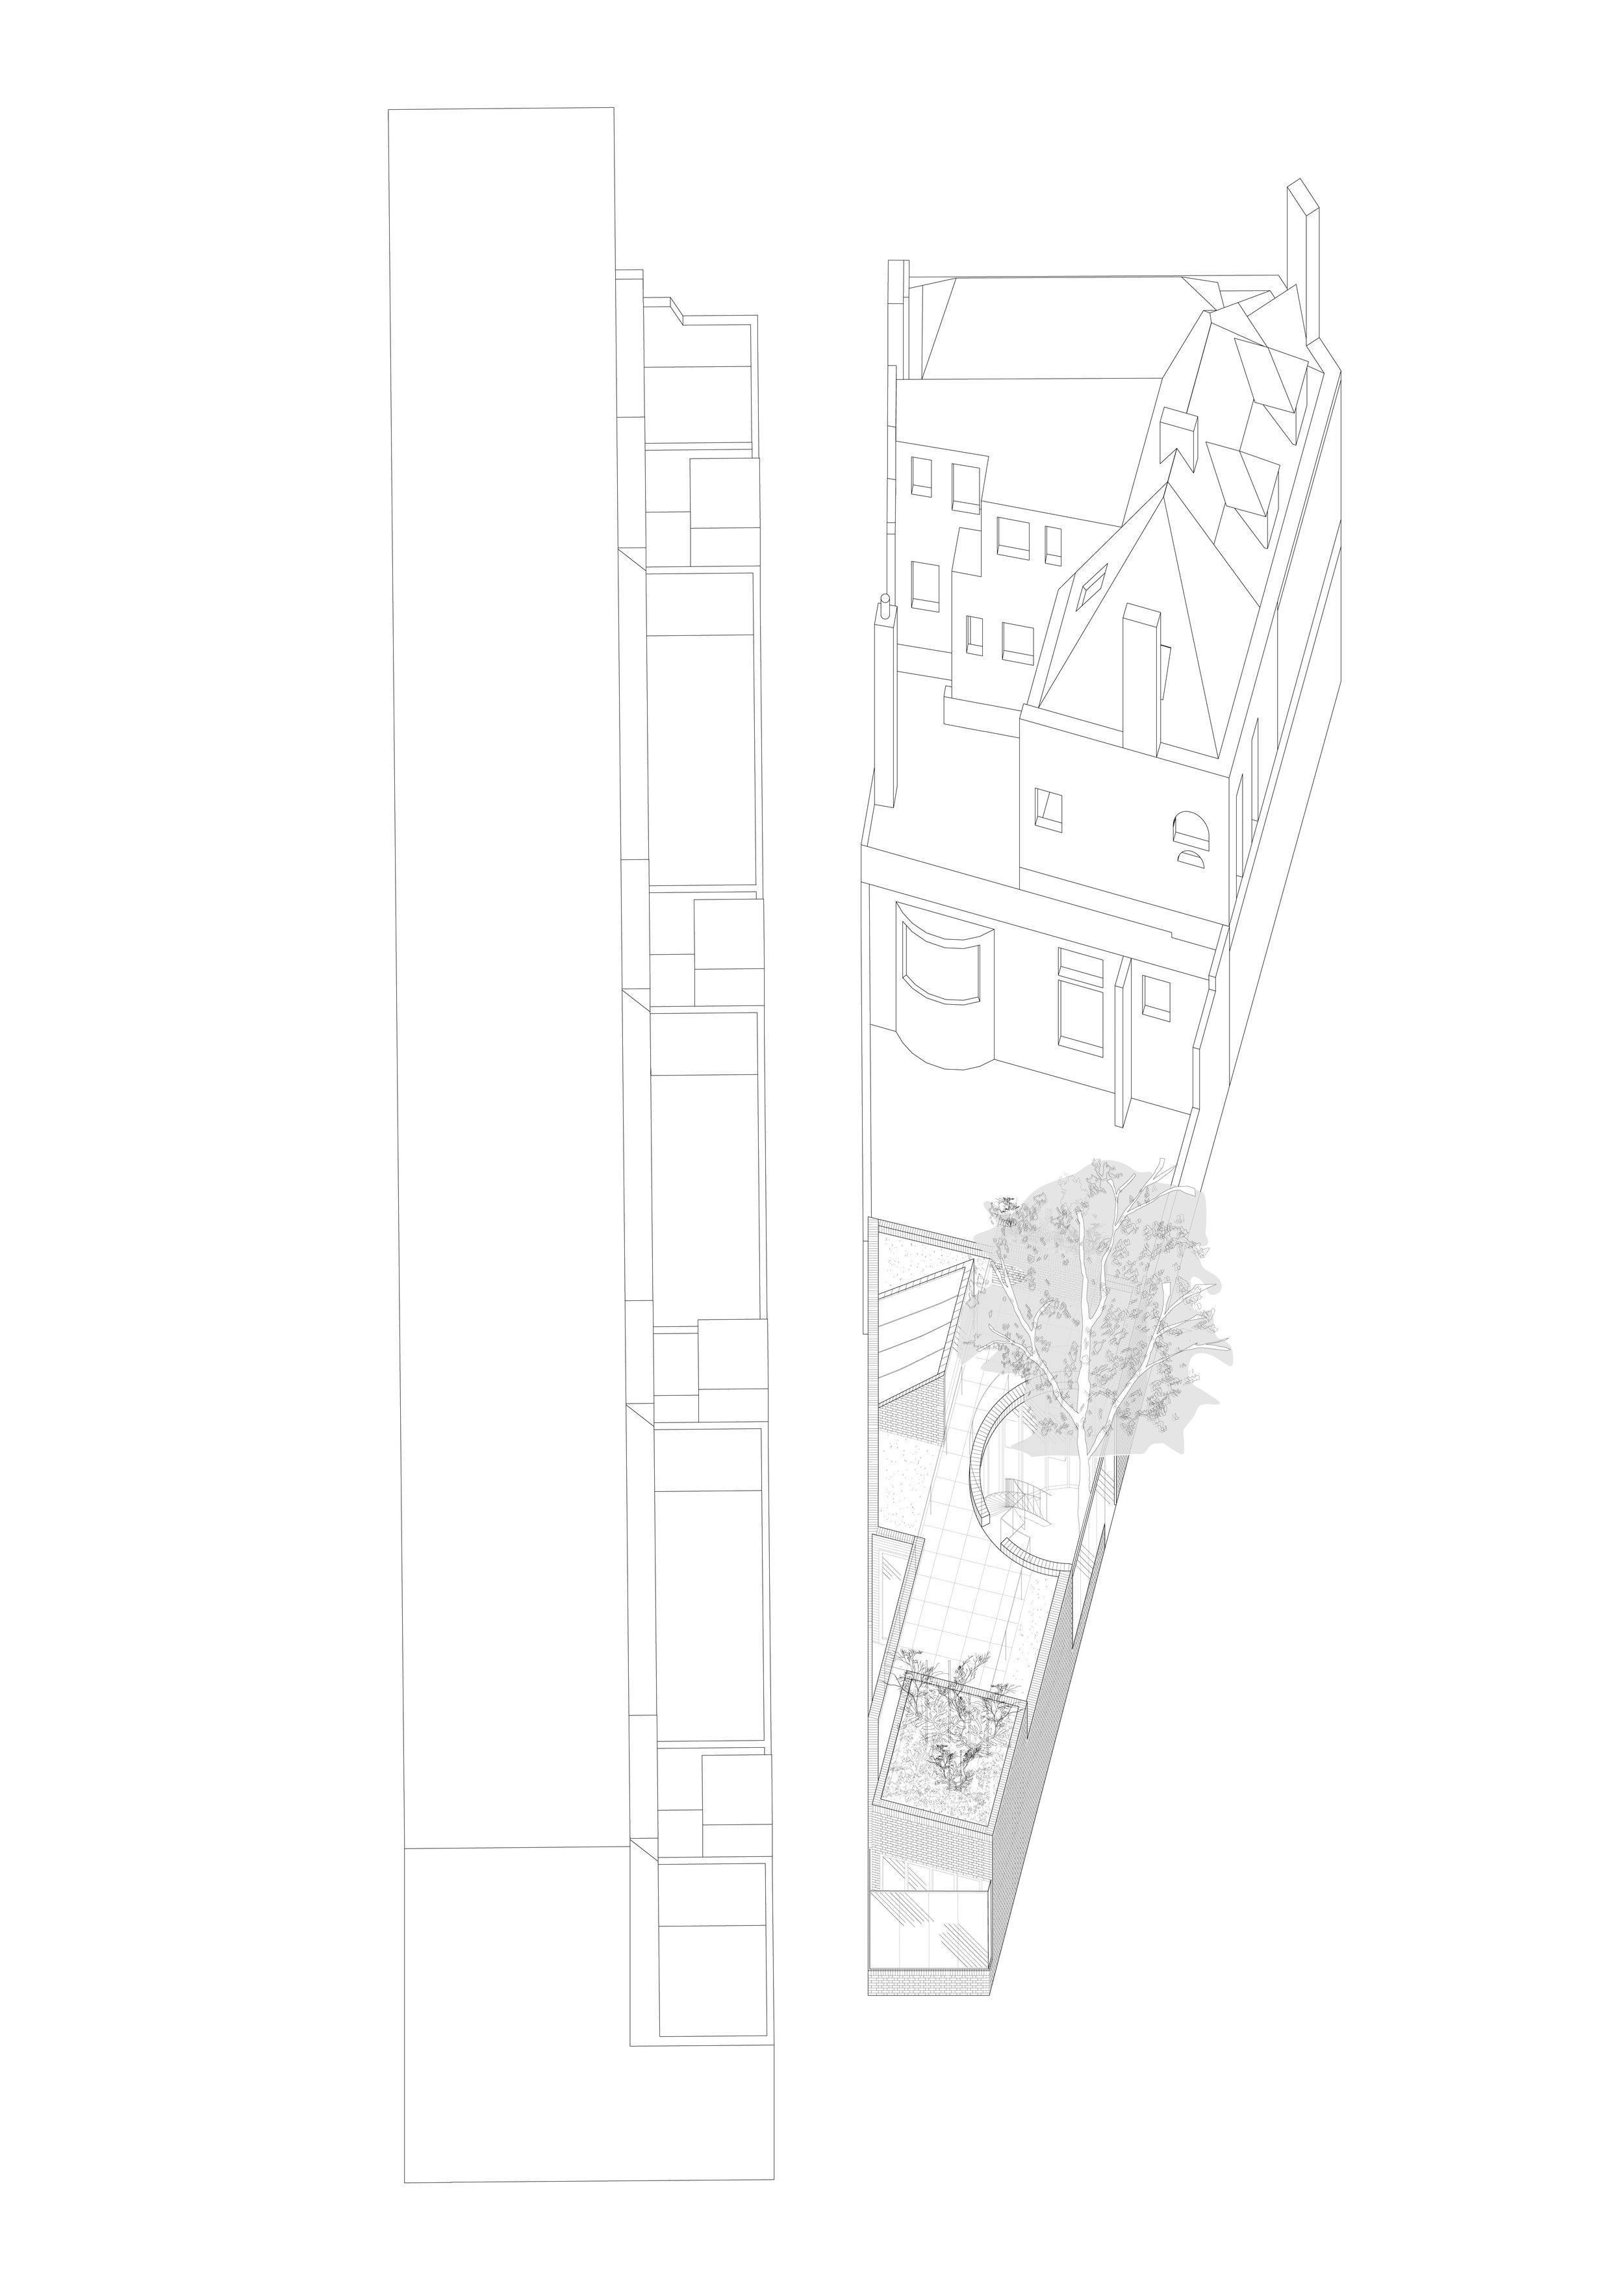 Lilford-Road-Planometric.jpg